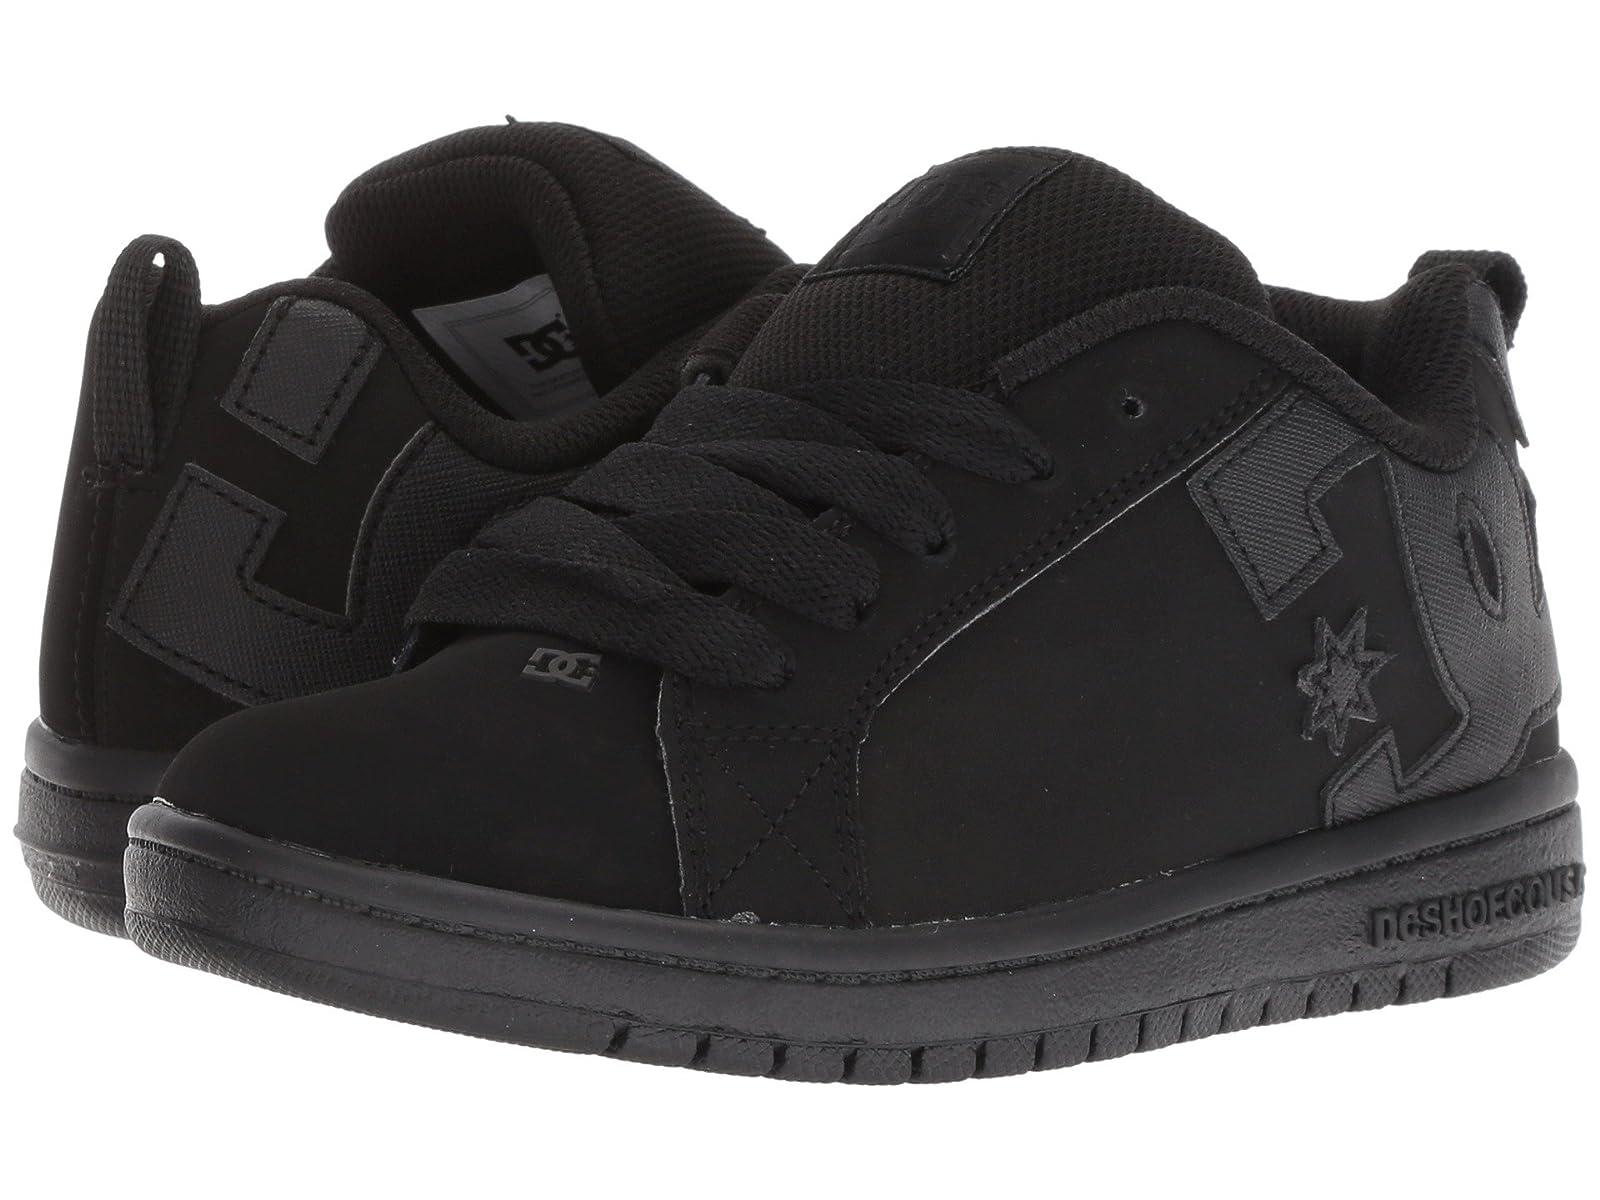 DC Kids Court Graffik (Little Kid/Big Kid)Atmospheric grades have affordable shoes